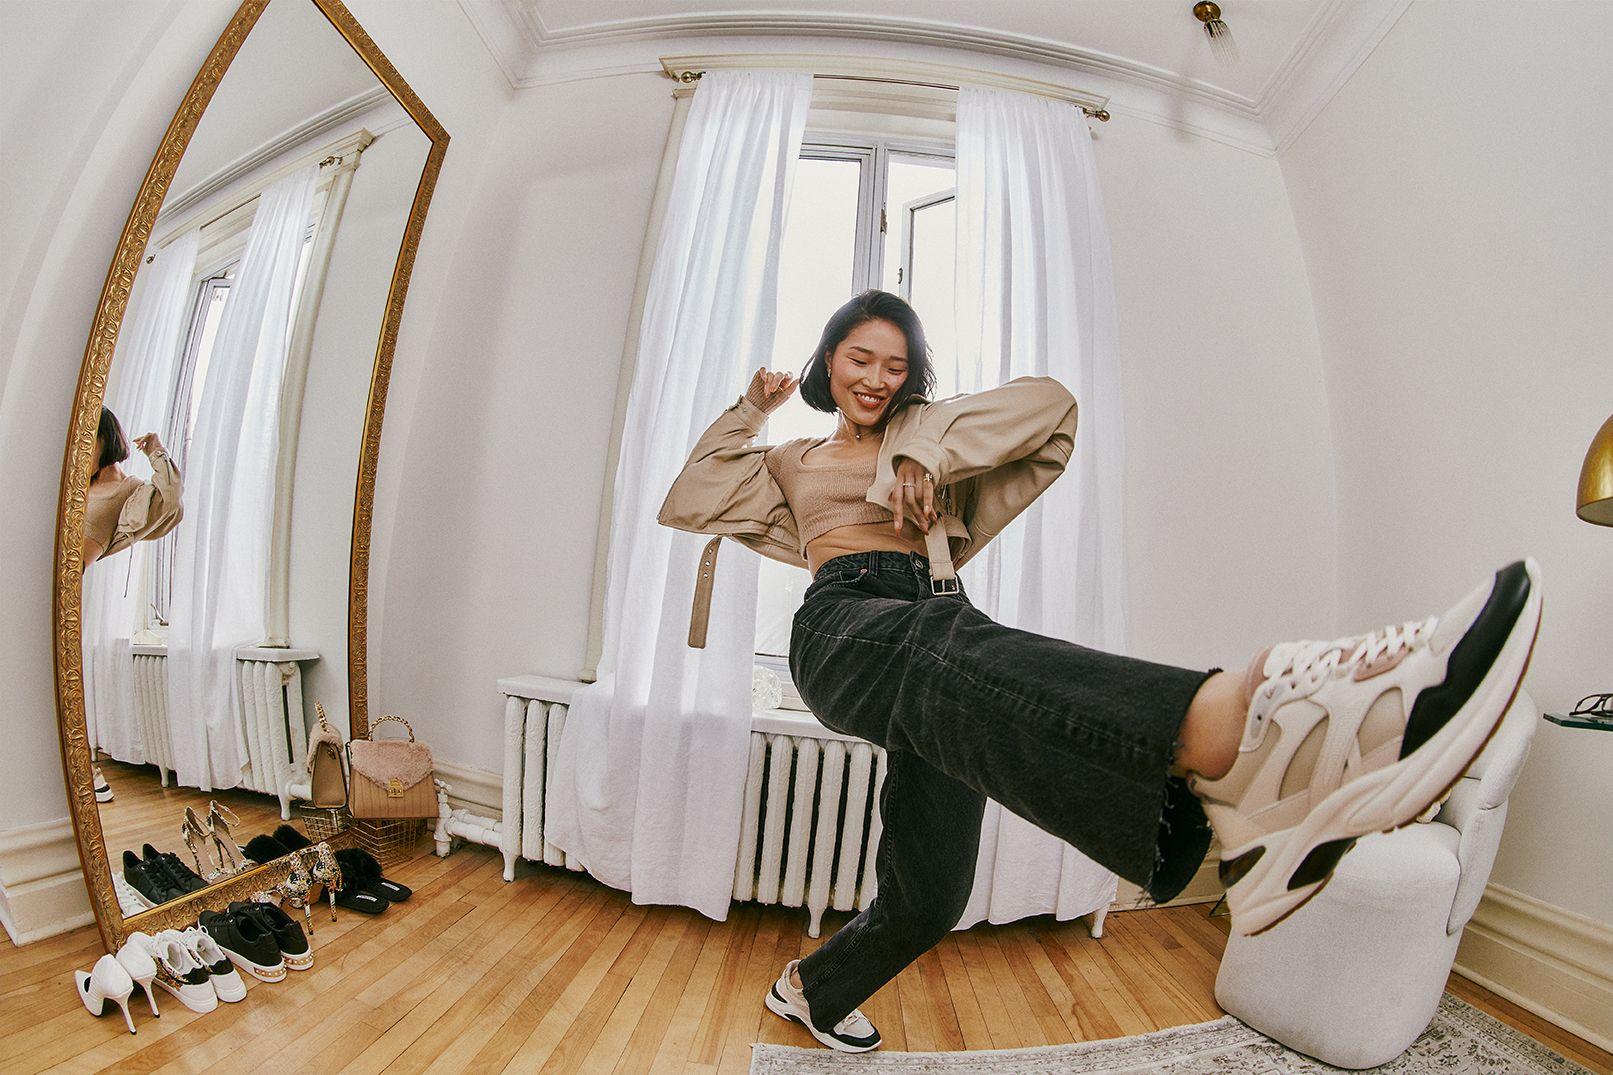 Photo d'une femme donnant un coup de pied portant des pantalons beige.